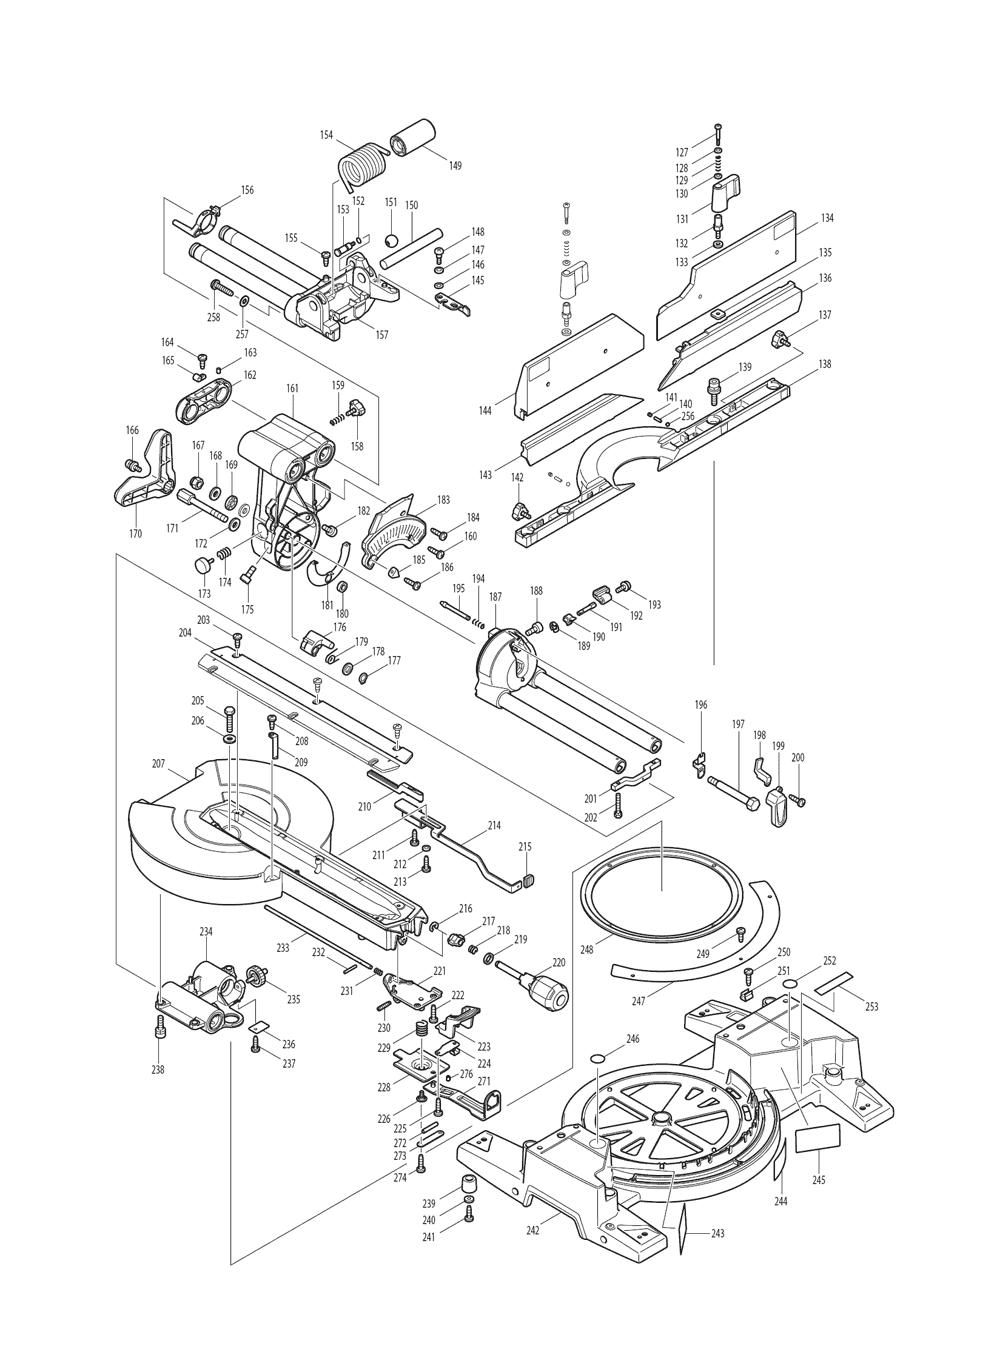 LS1216-T4-Makita-PB-1Break Down